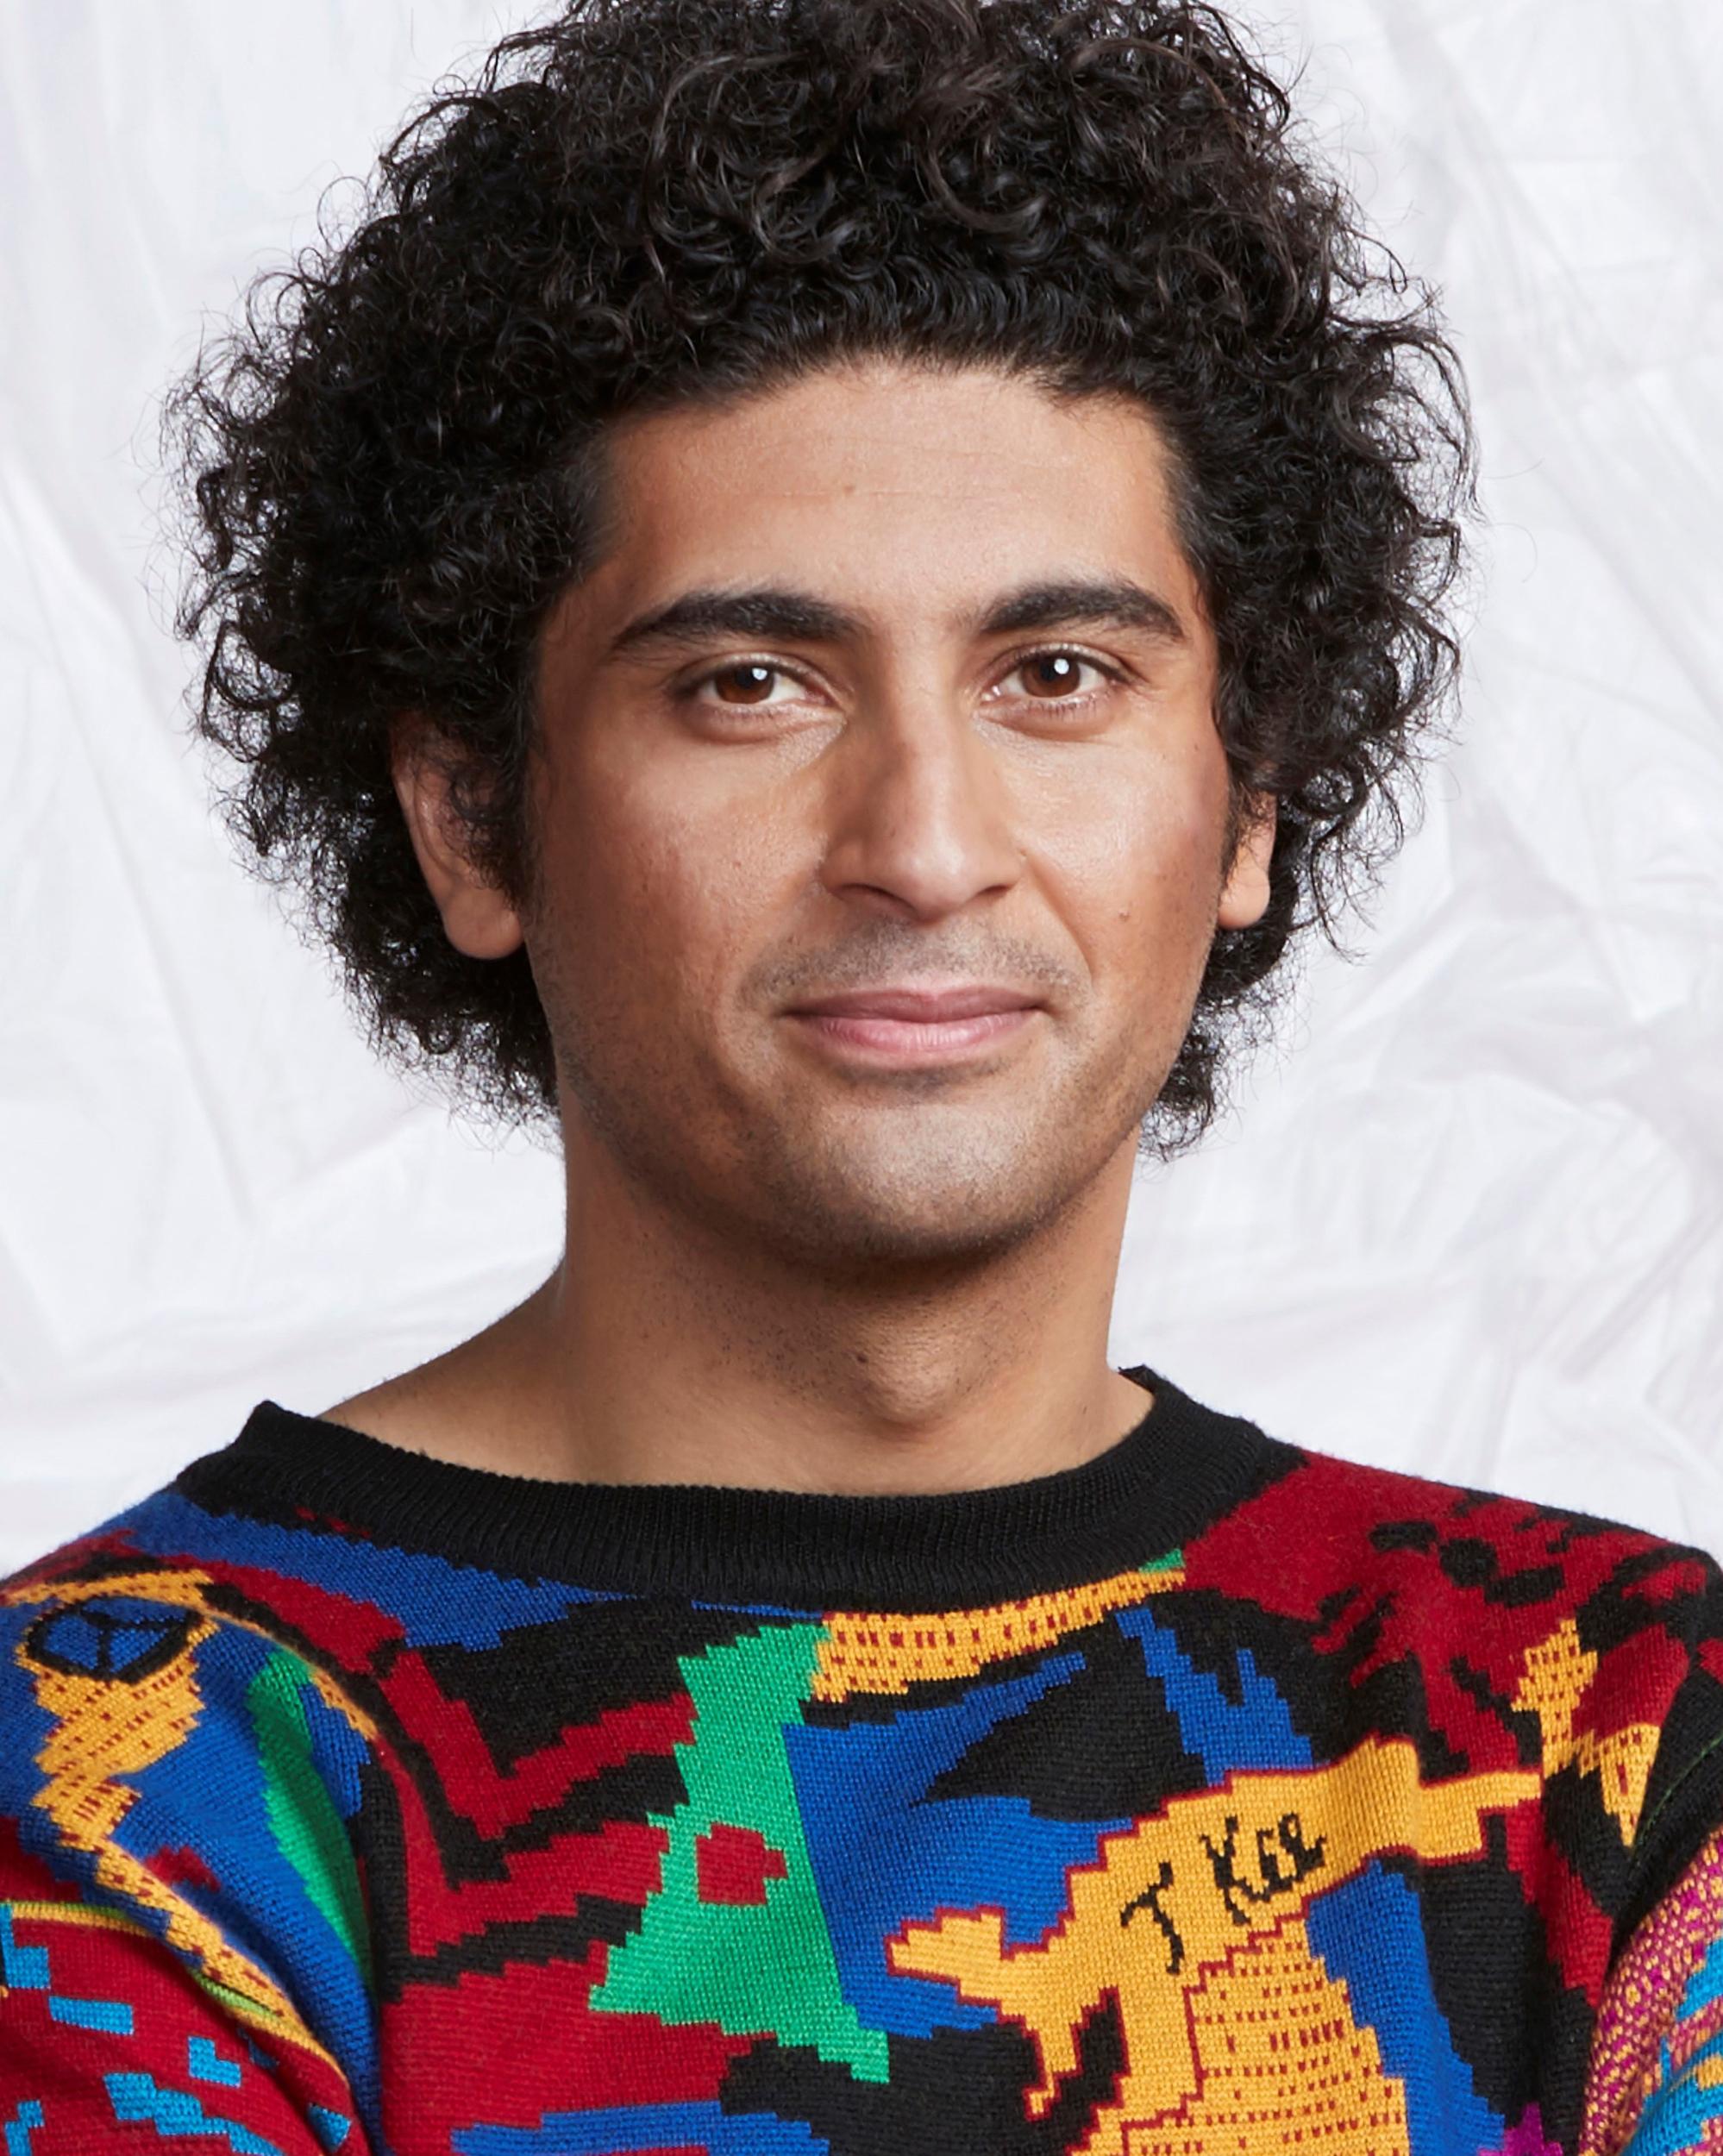 Osamah Sami